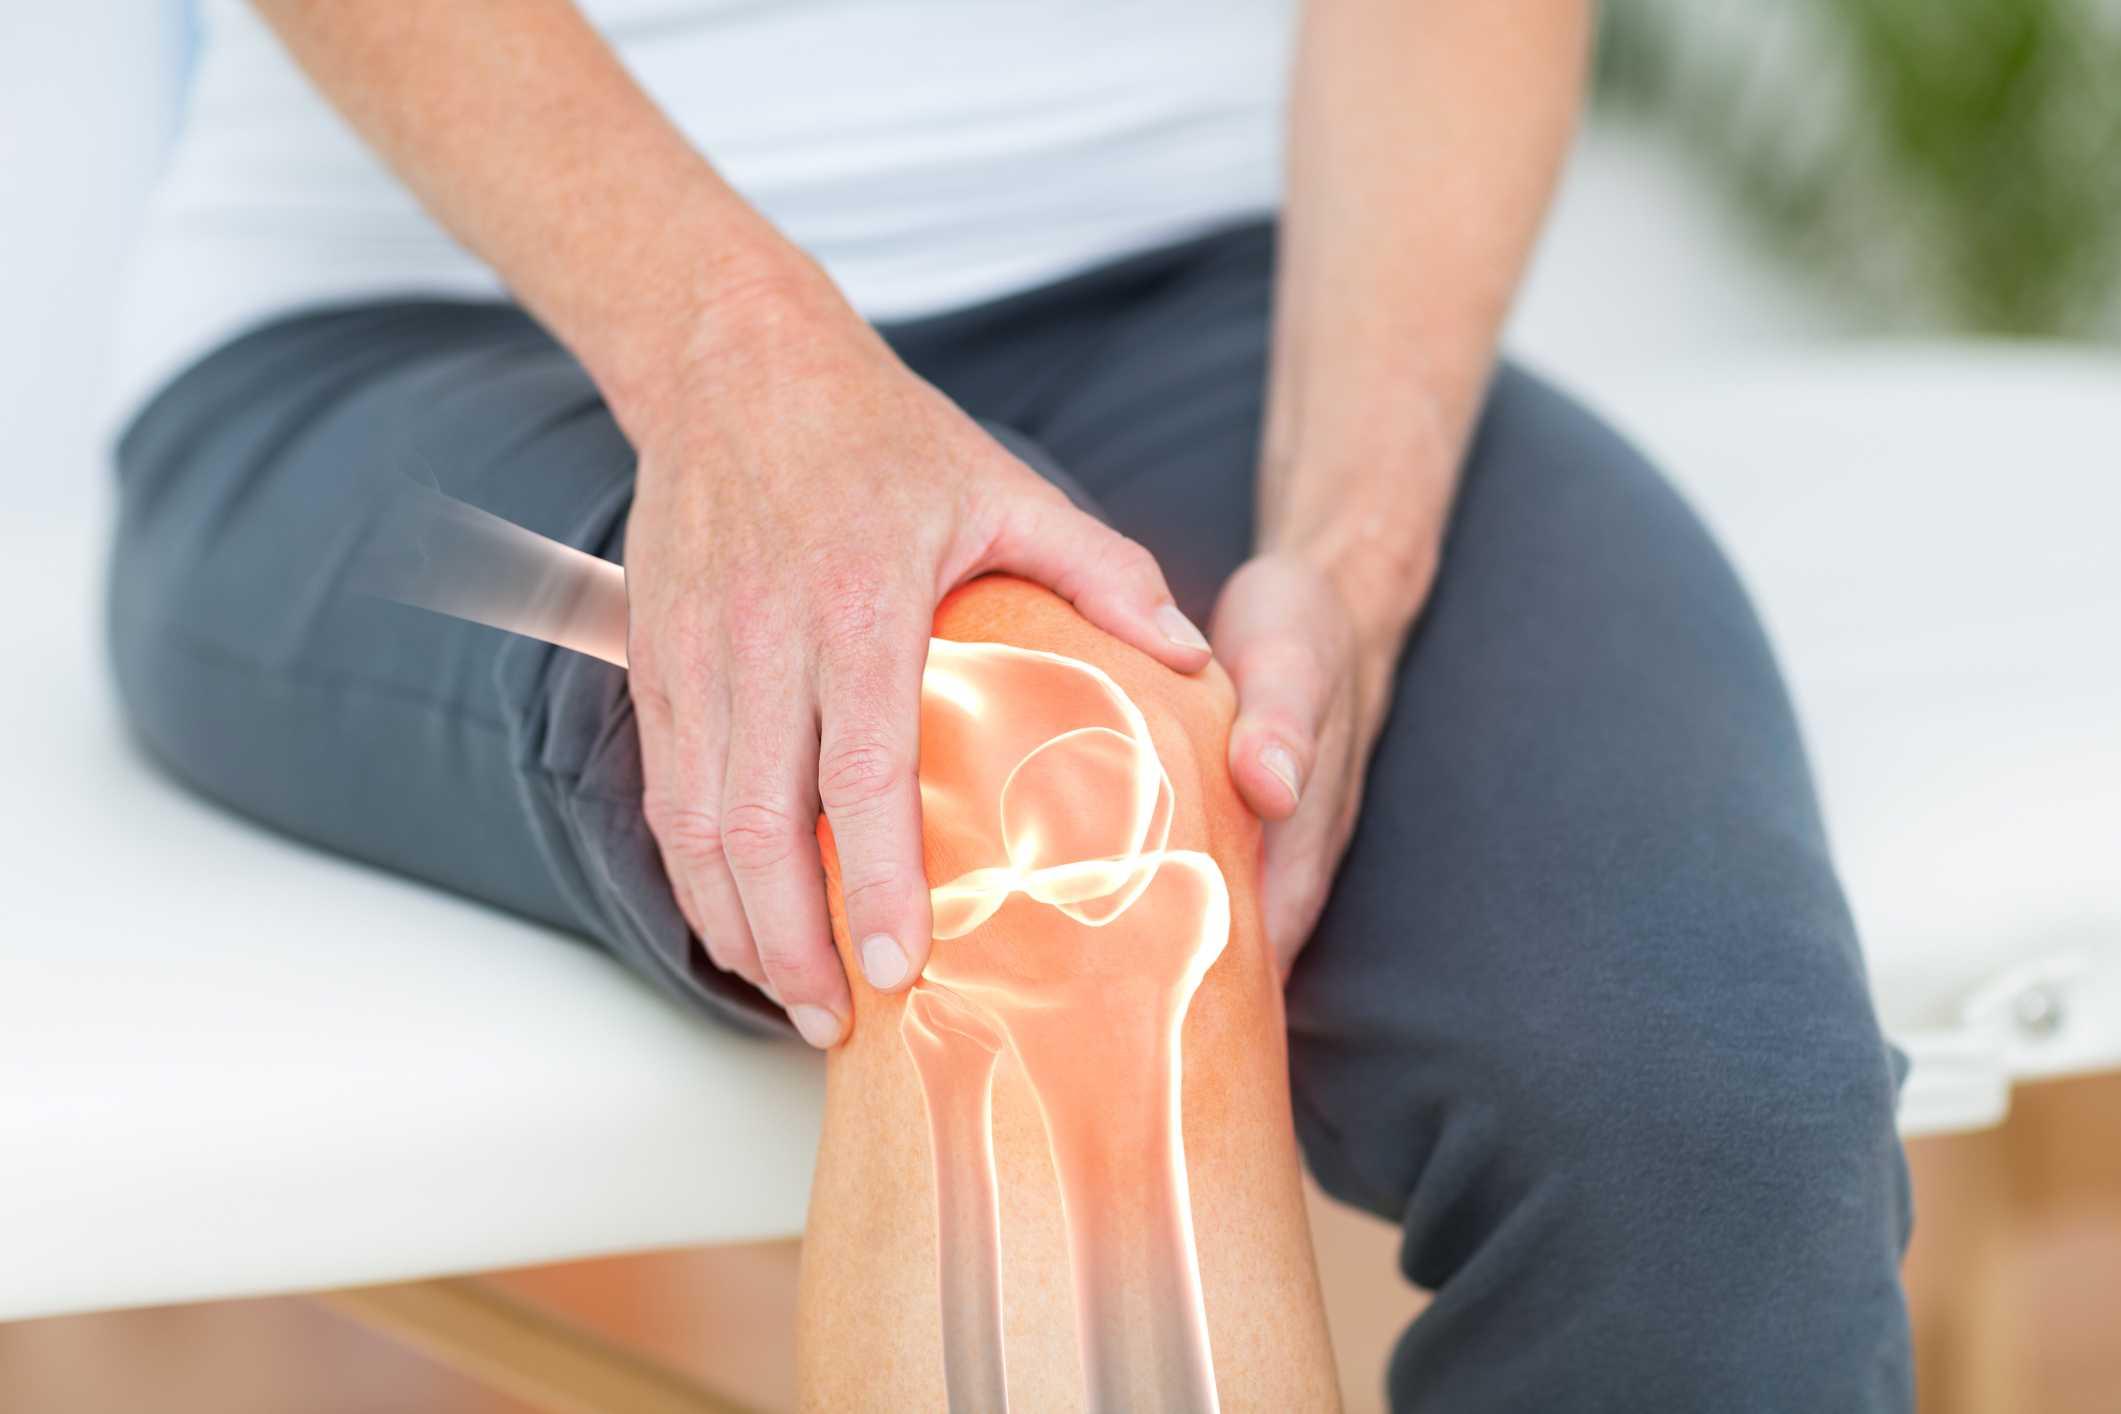 térdízület immobilizáció ízületi fájdalom az időjárástól